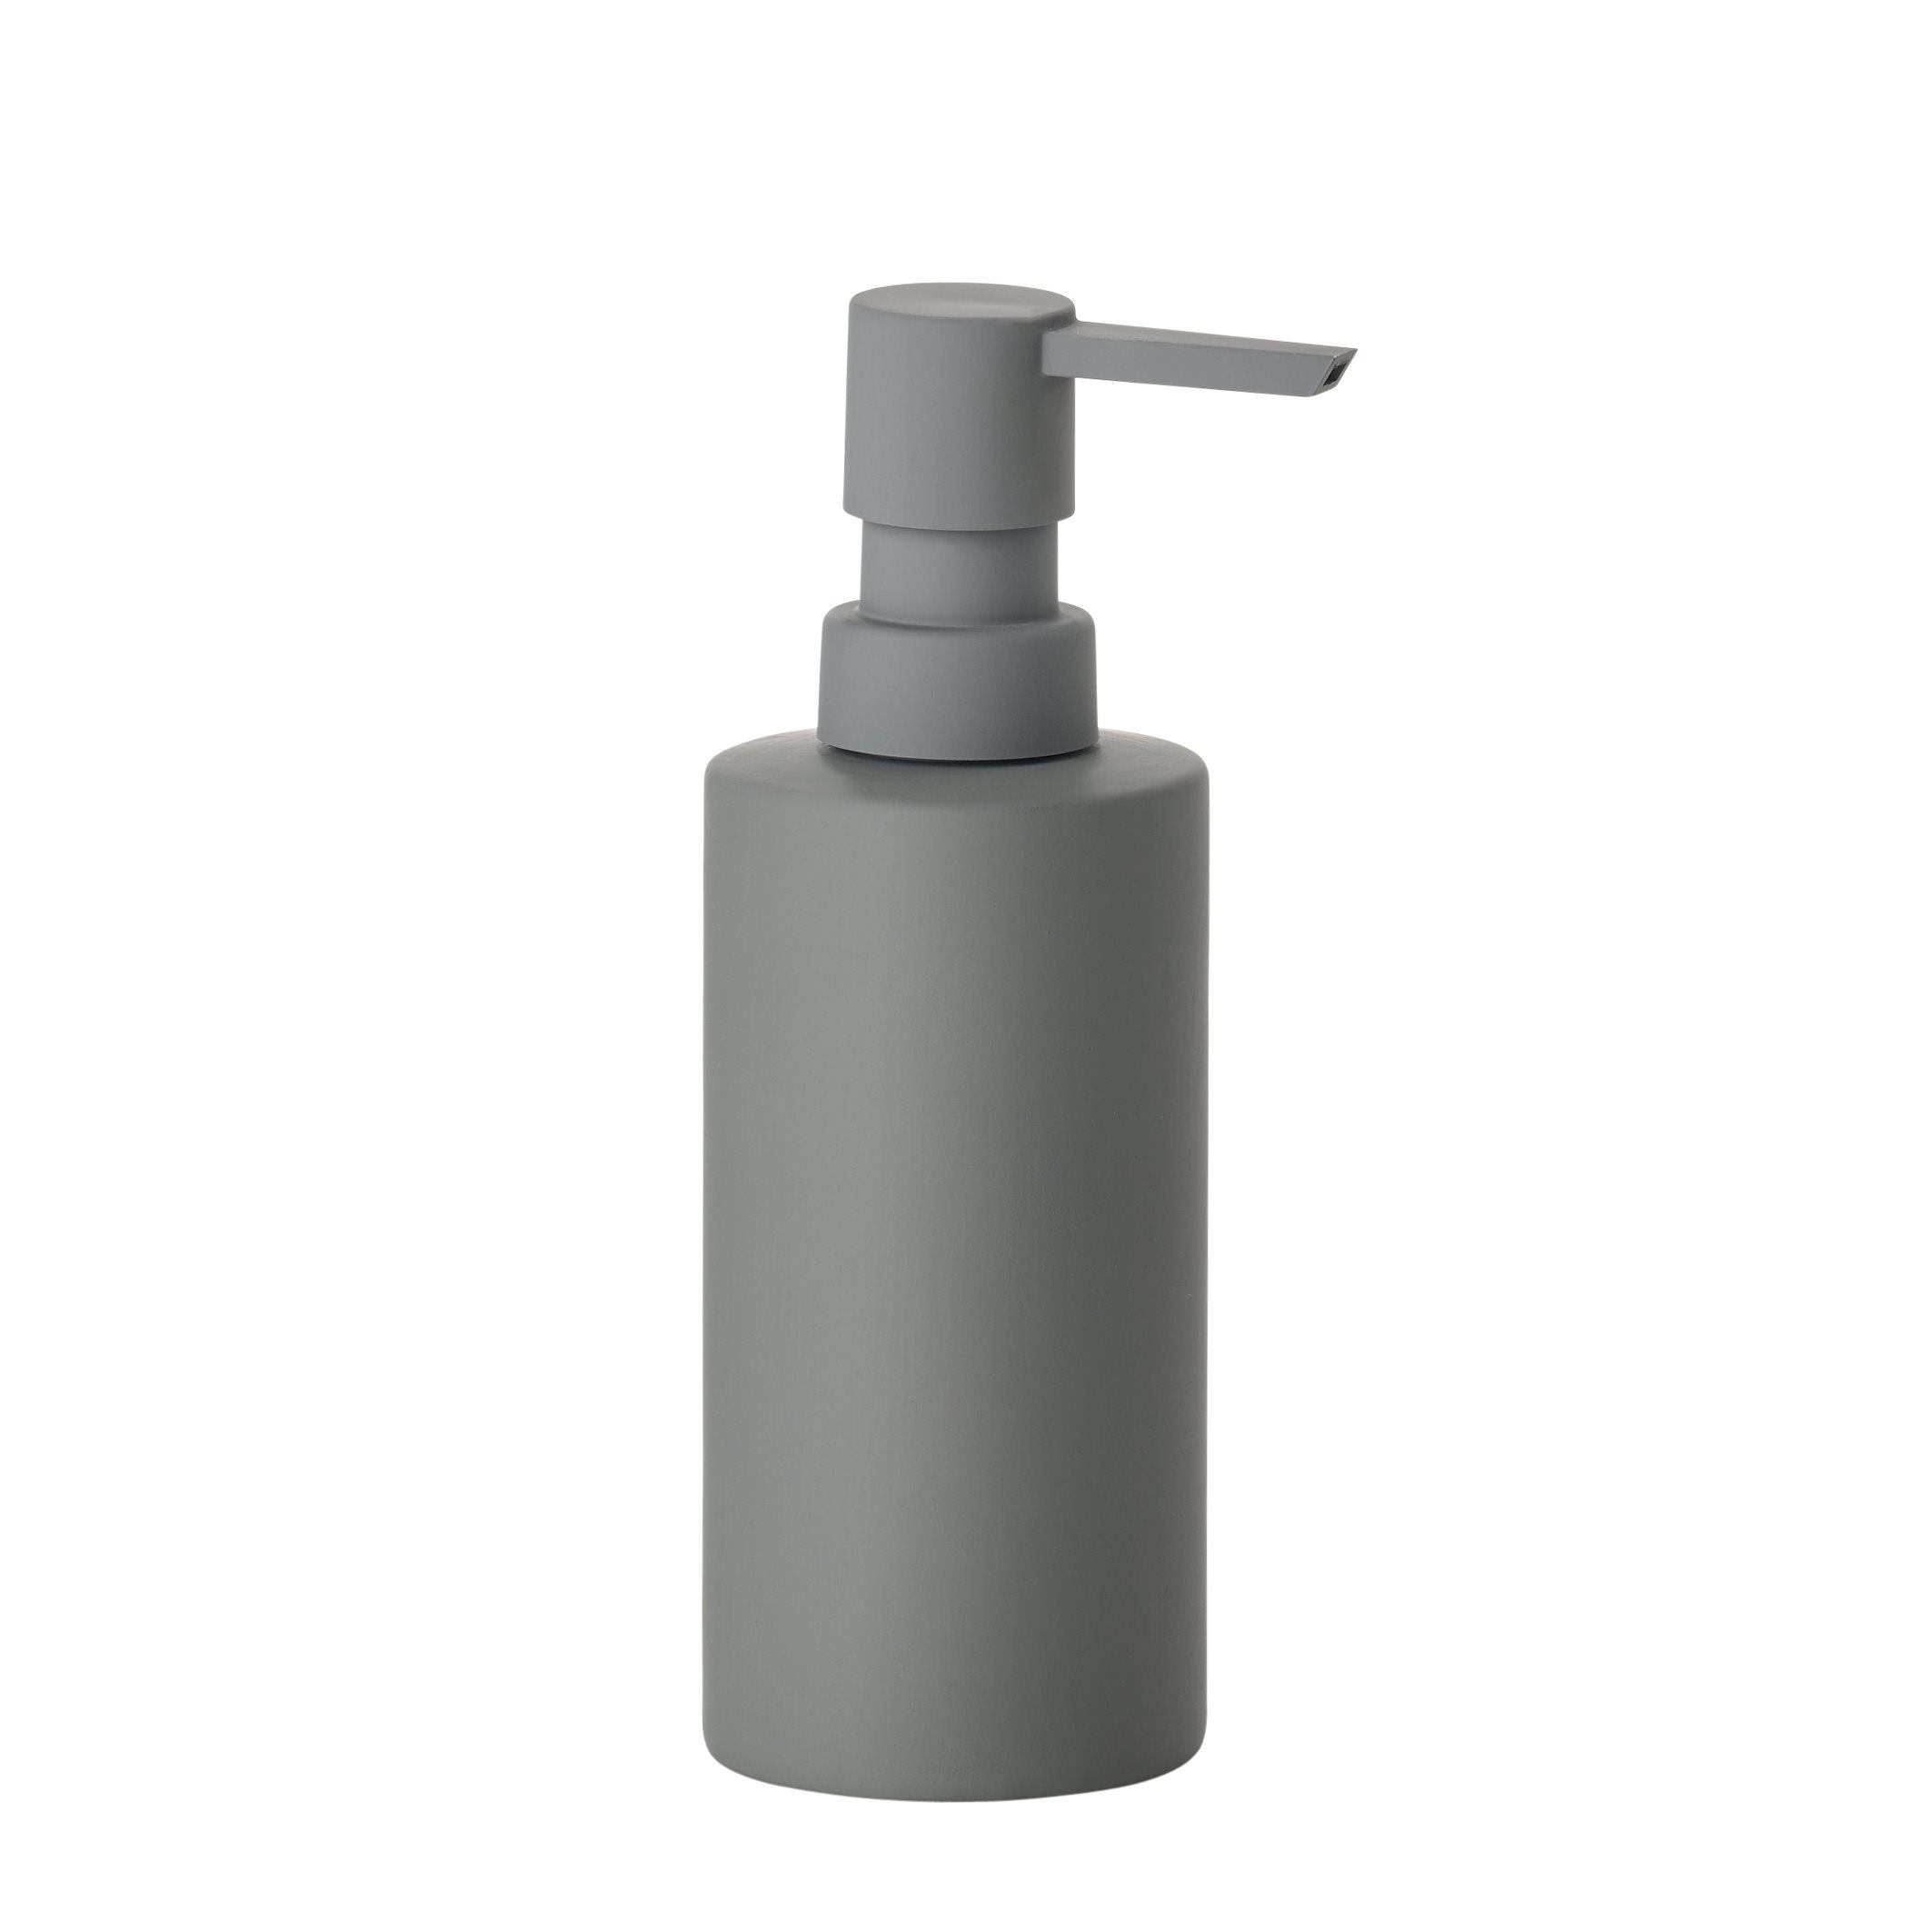 Soapdispenser solo grey